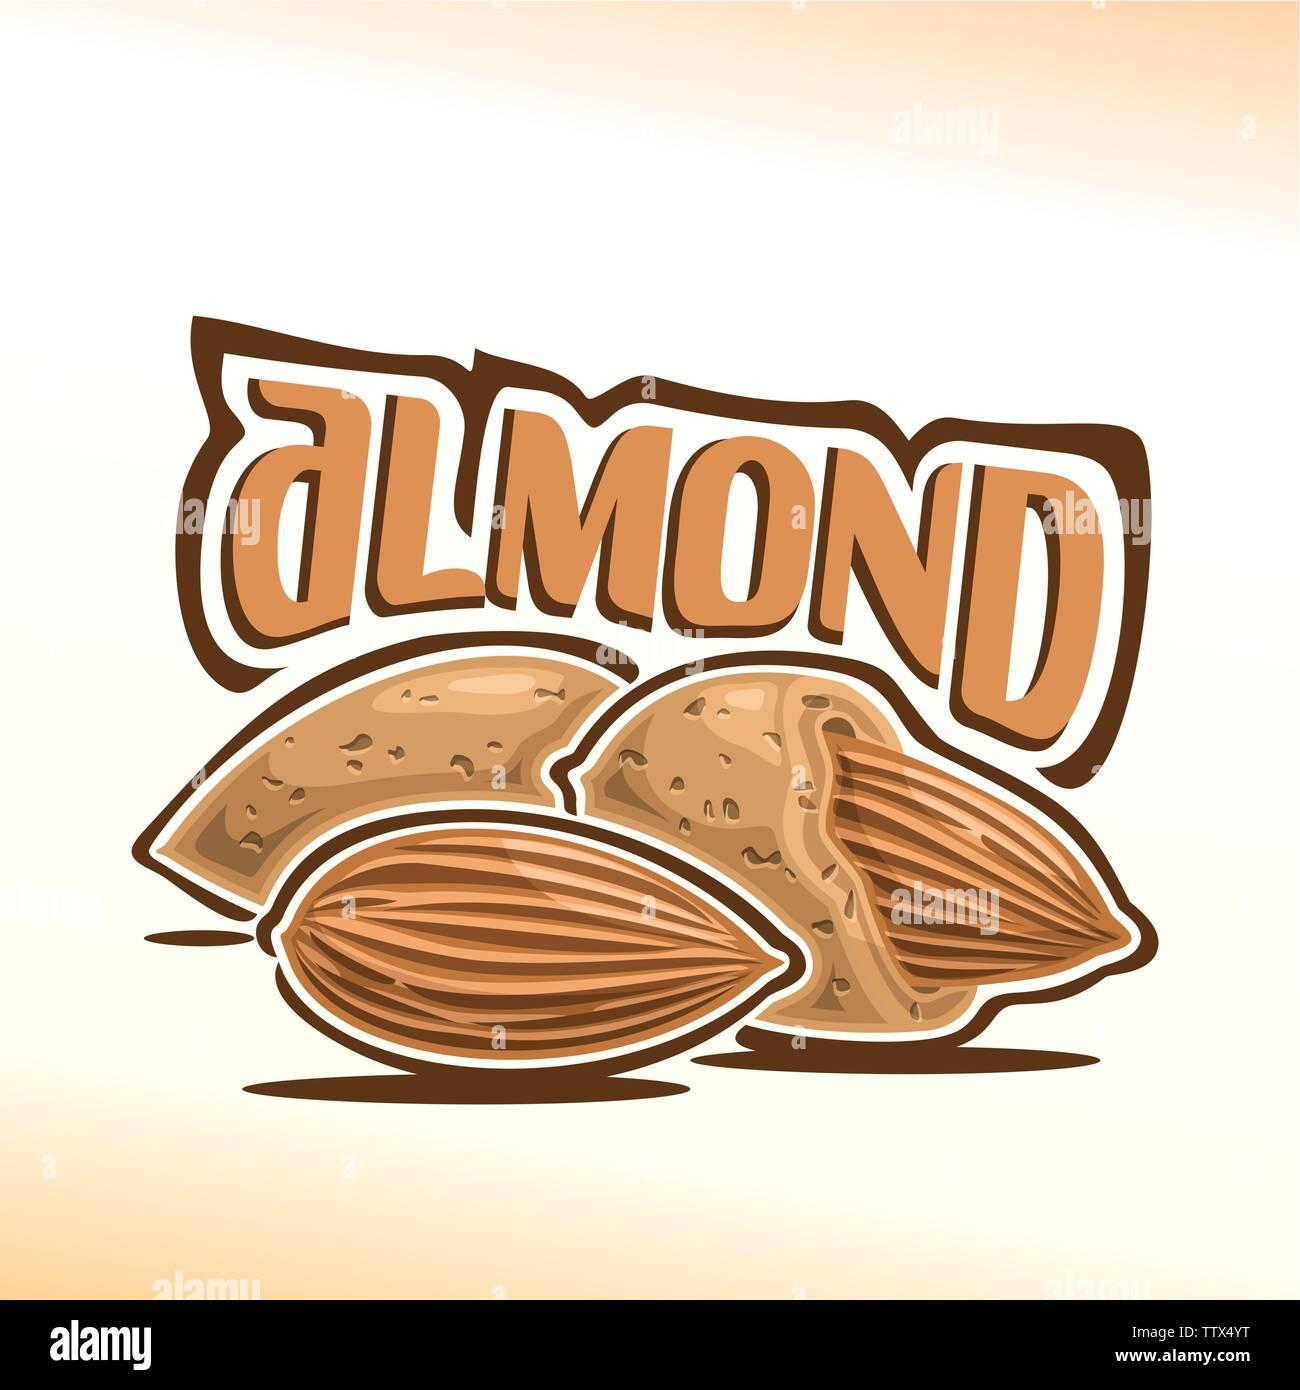 Vector logo for almond - Stock Vector